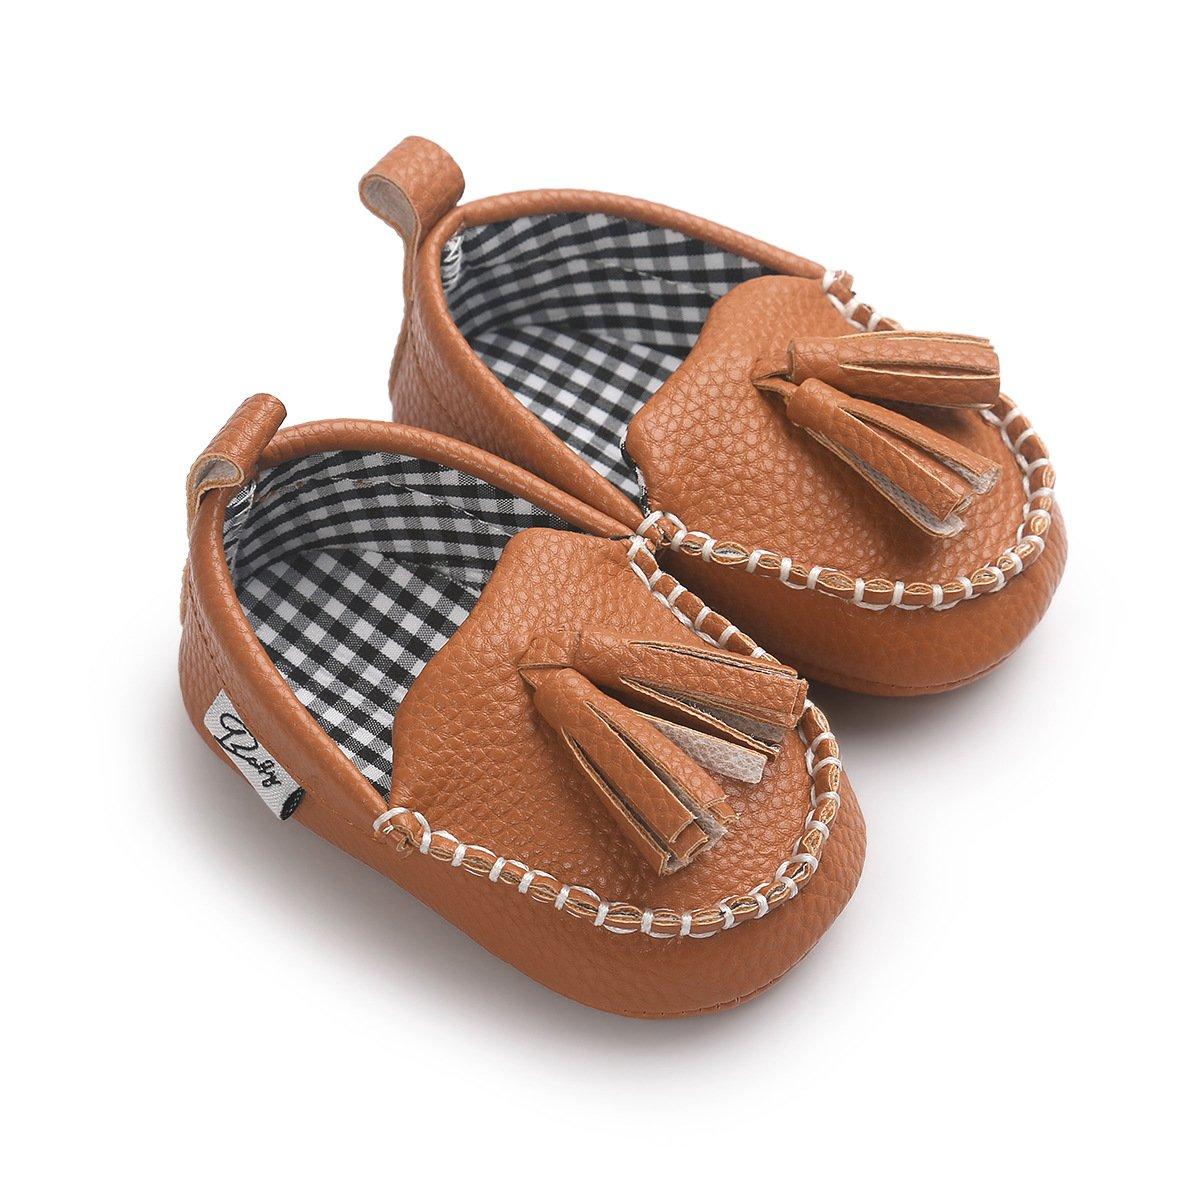 Sabe Newborn Infant Baby Girls Boys Tassels Soft Sole Loafer Shoes Prewalker Moccasin (6-12 Months, brown1)